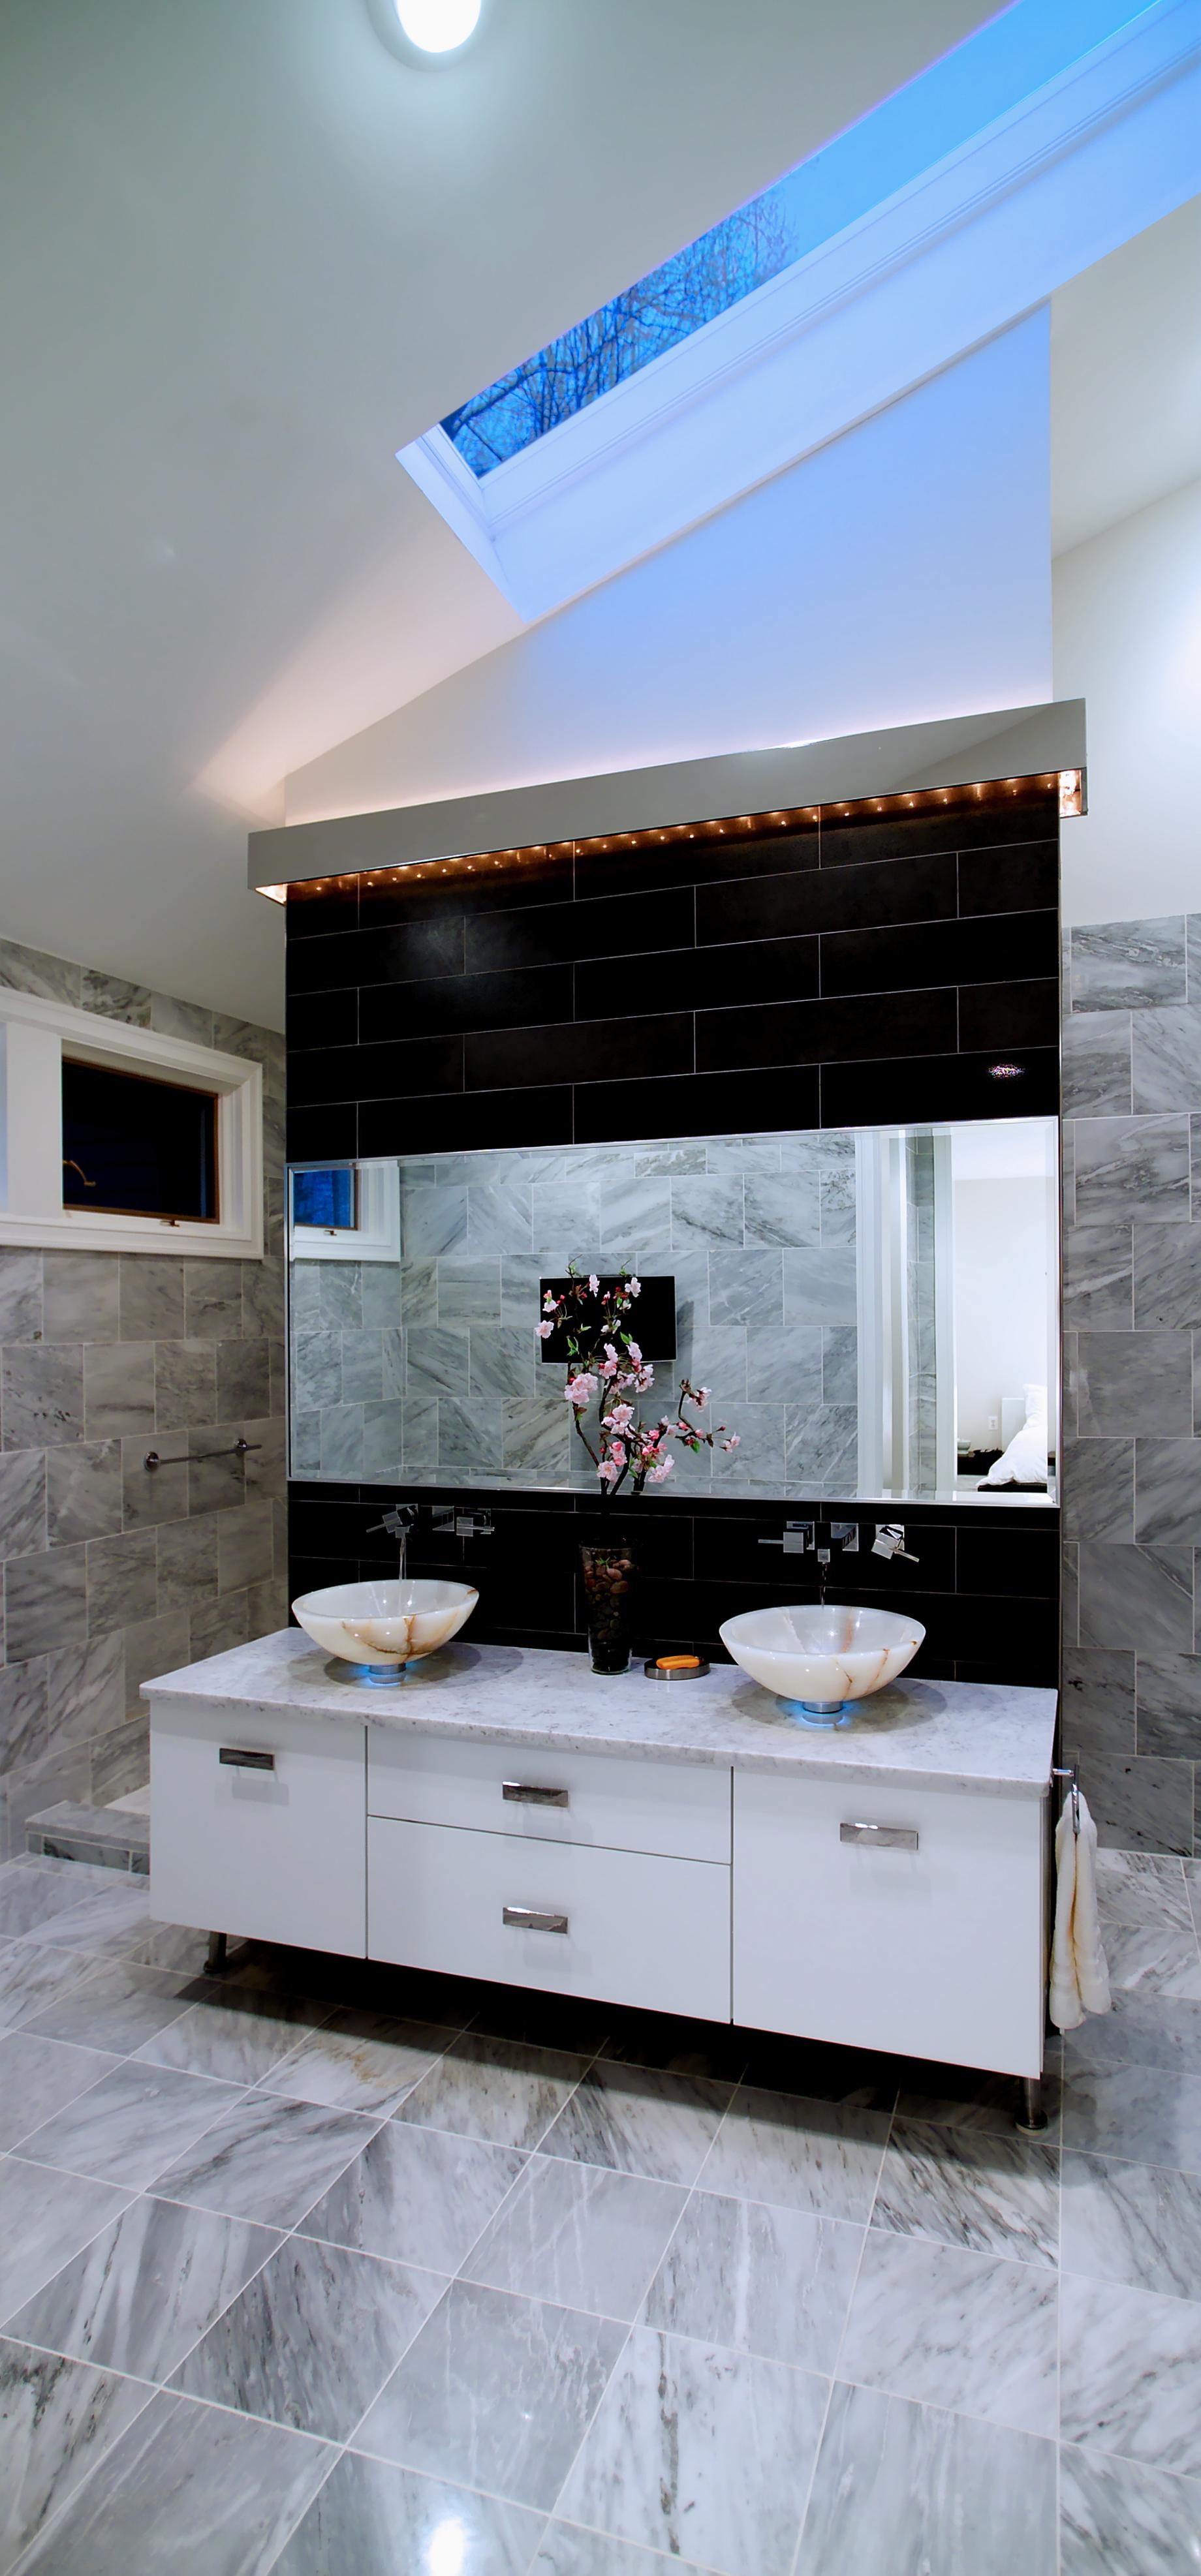 Master Bath 3 - View of Vanity.jpg